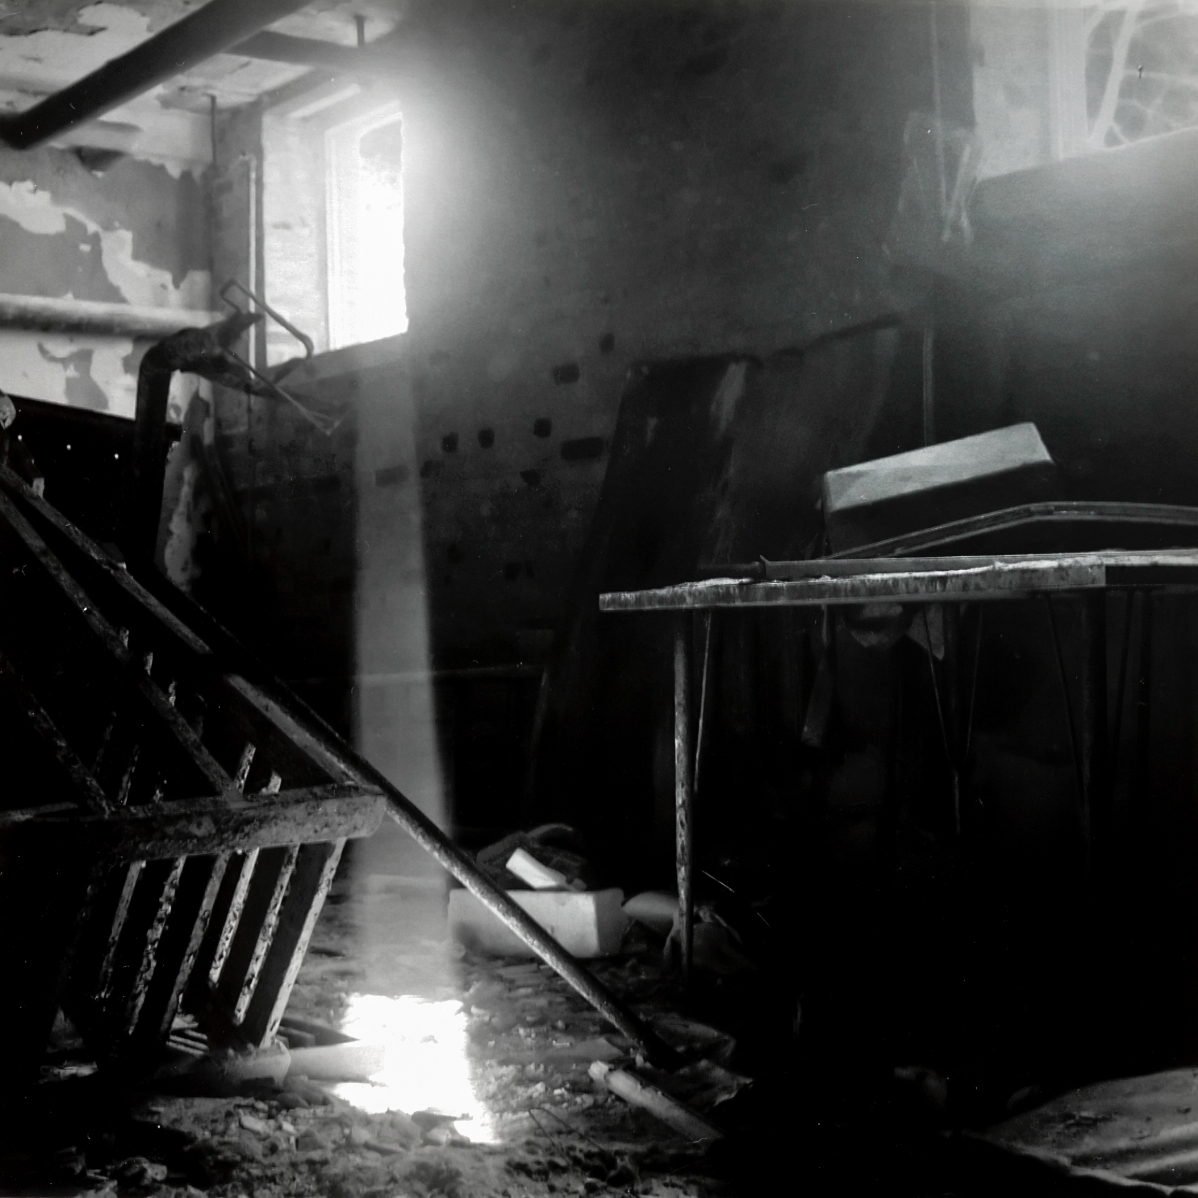 essex mountain sanatorium-23